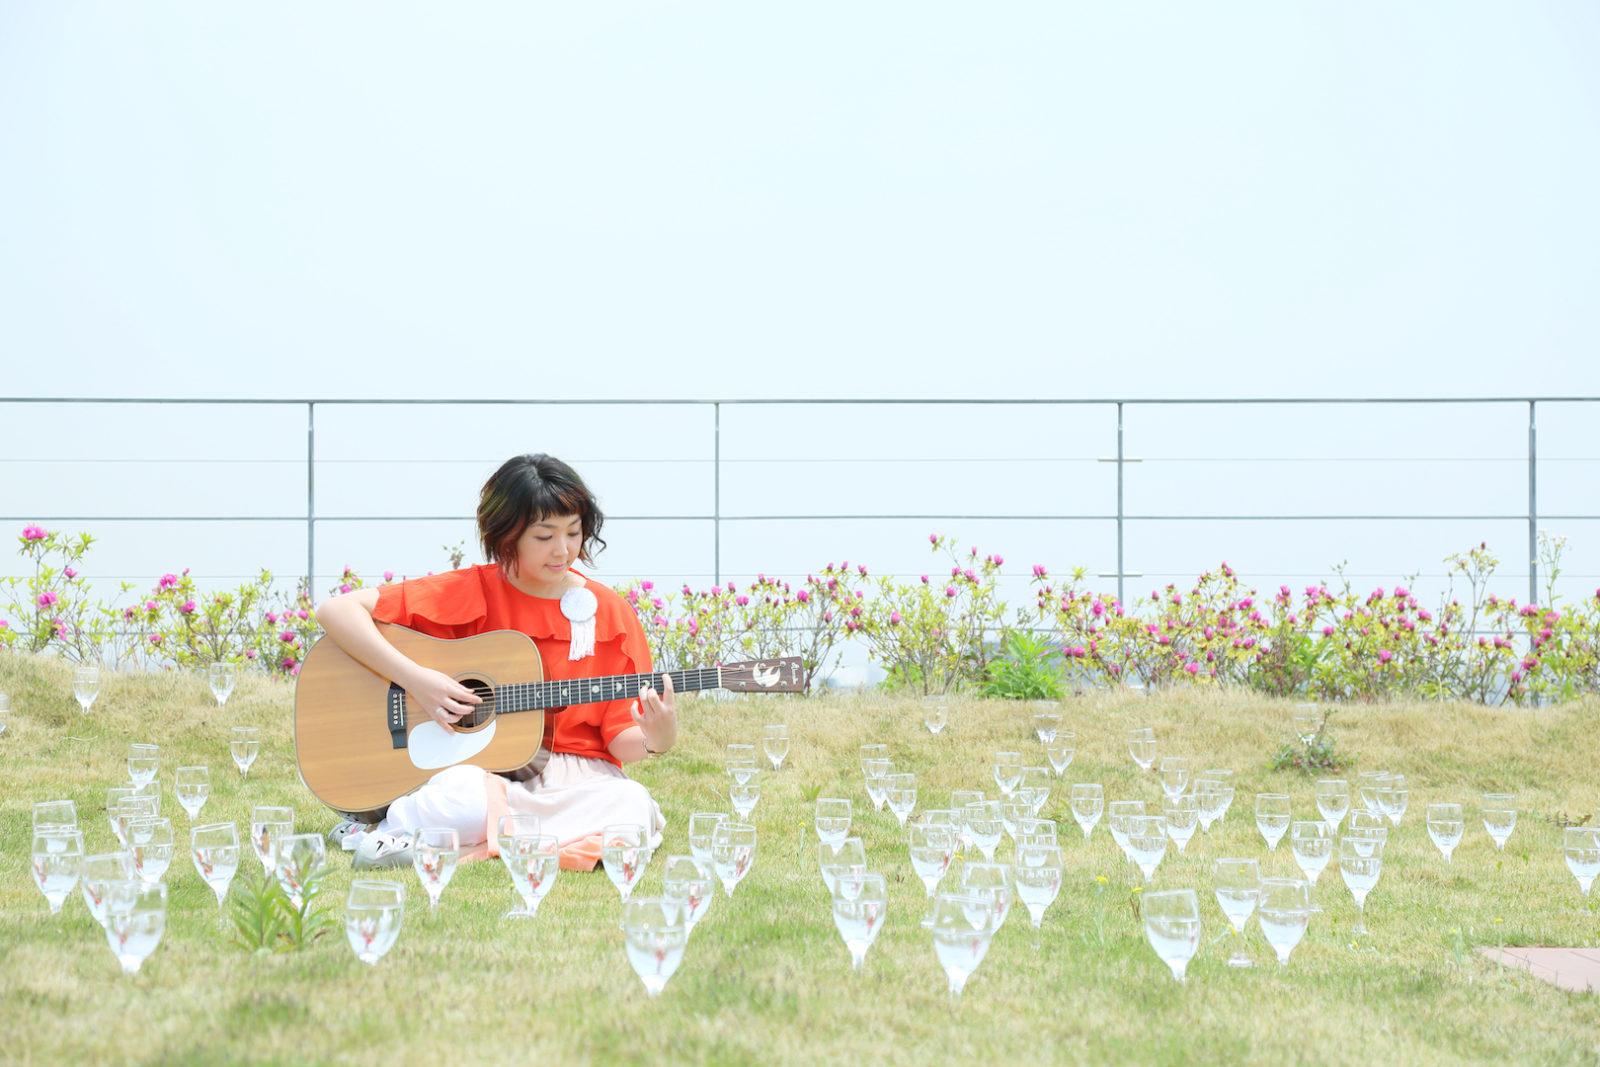 岩崎愛、テレビ番組とコラボでの心温まる楽曲を書き下ろしサムネイル画像